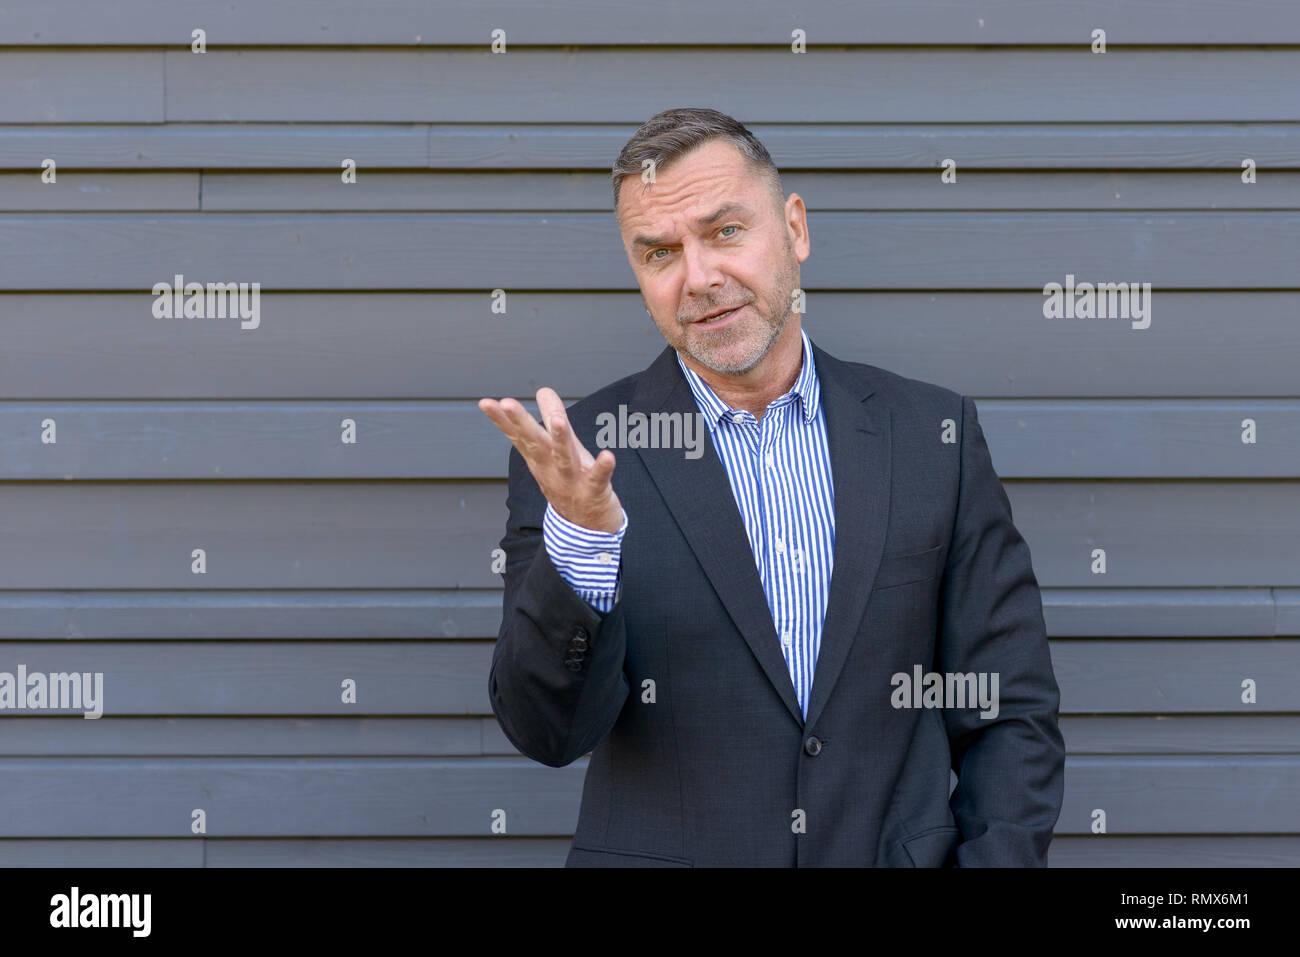 Imprenditore persuasiva gesticolando con la sua mano come egli fa un punto o spiega con un look di empatia contro un muro grigio con spazio di copia Immagini Stock